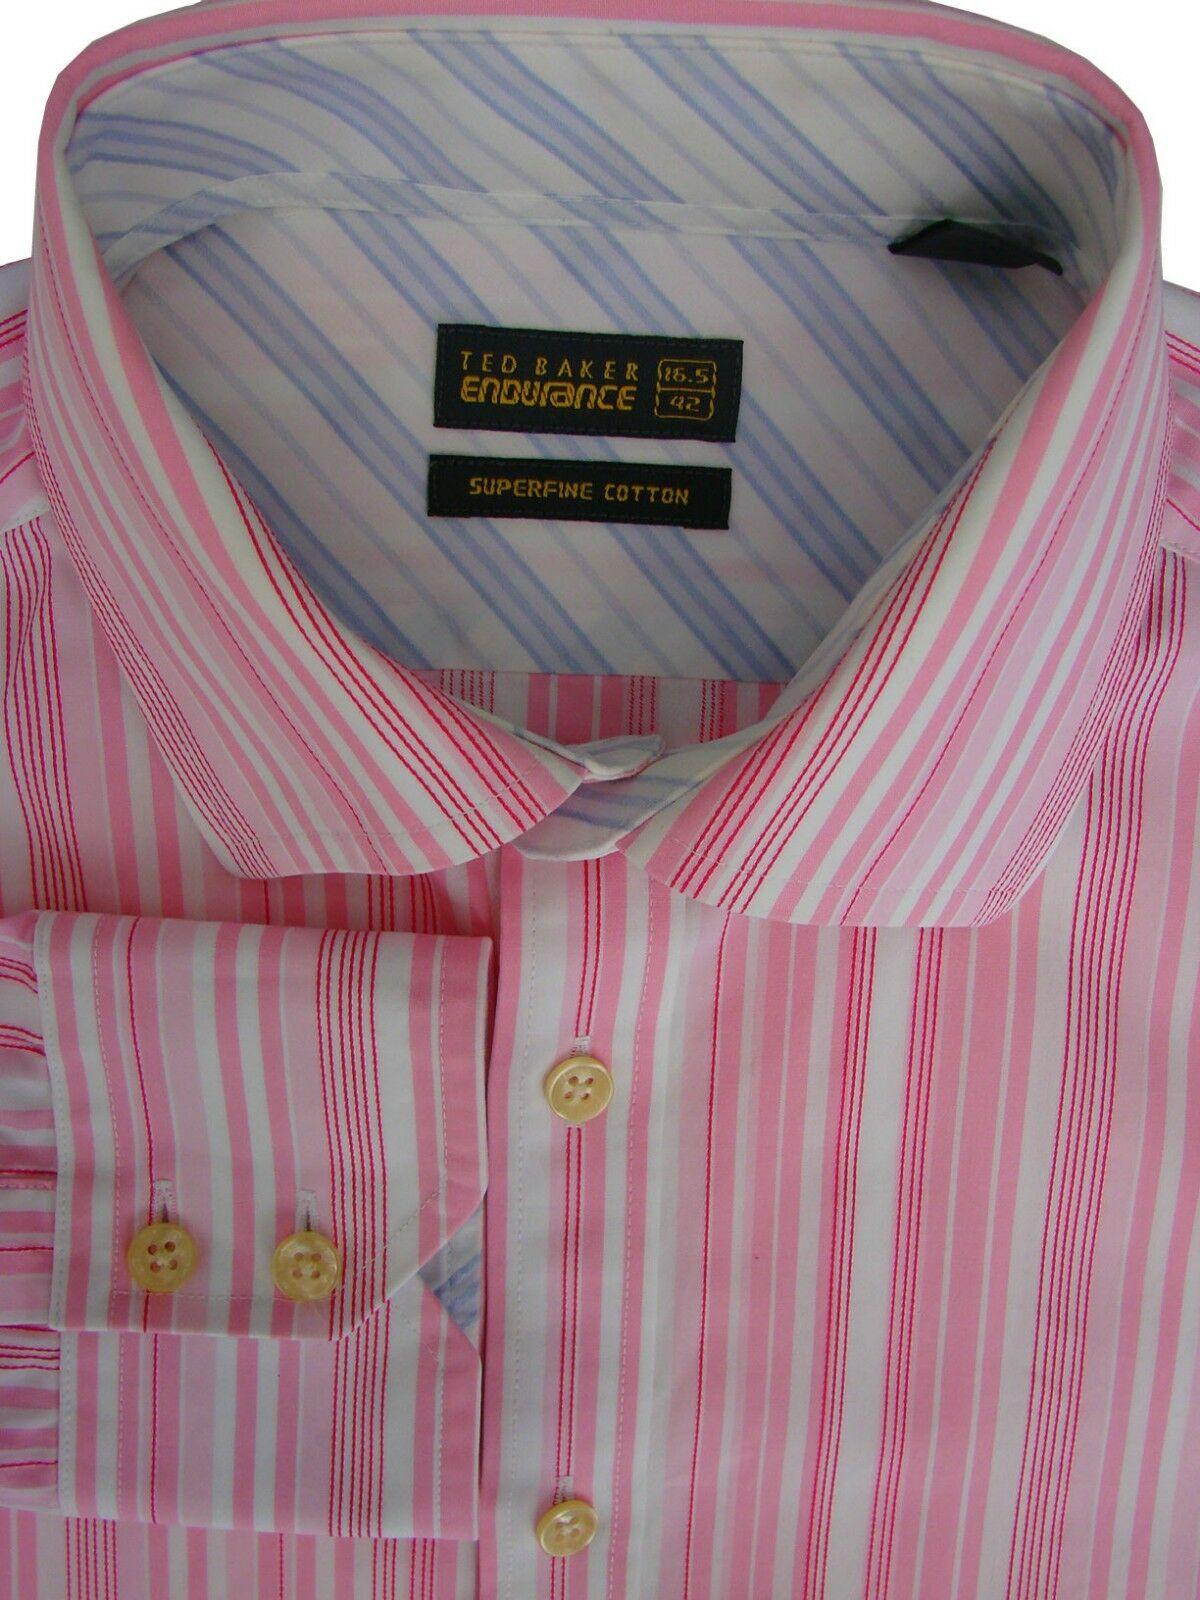 6618e822f799 TED BAKER ENDURANCE Shirt Mens 16 M Pink   White Stripes - Brandinity